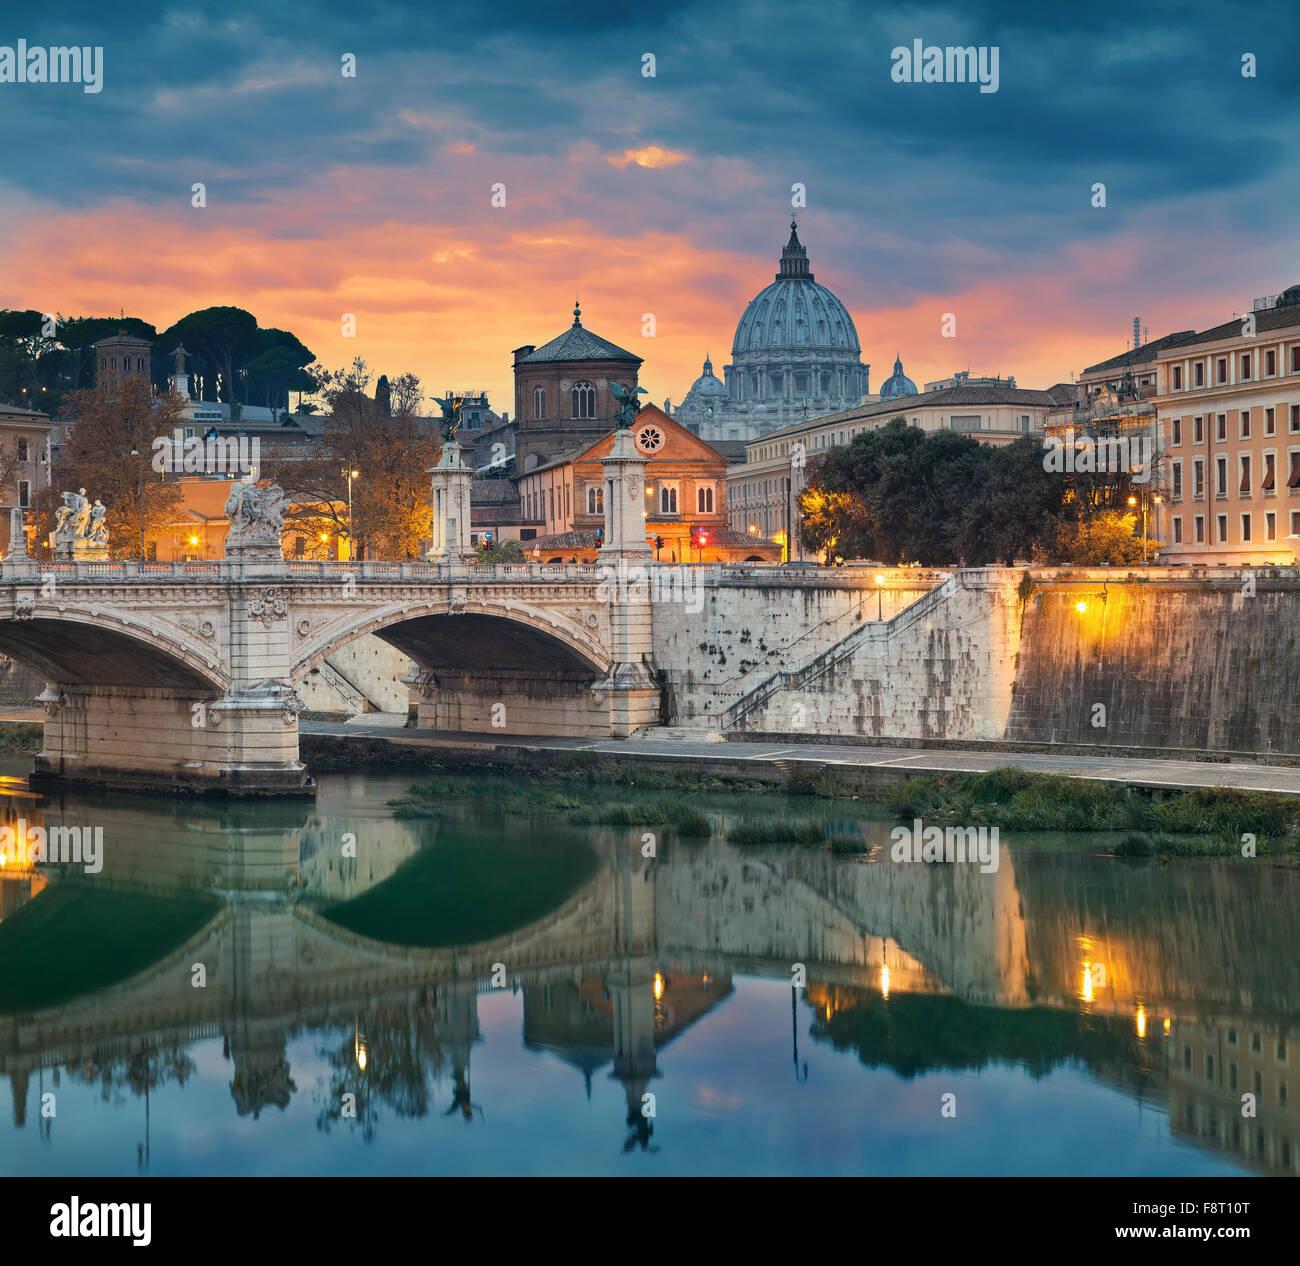 Rom. Blick auf Brücke Vittorio Emanuele und der Petersdom in Rom während des Sonnenuntergangs. Stockbild